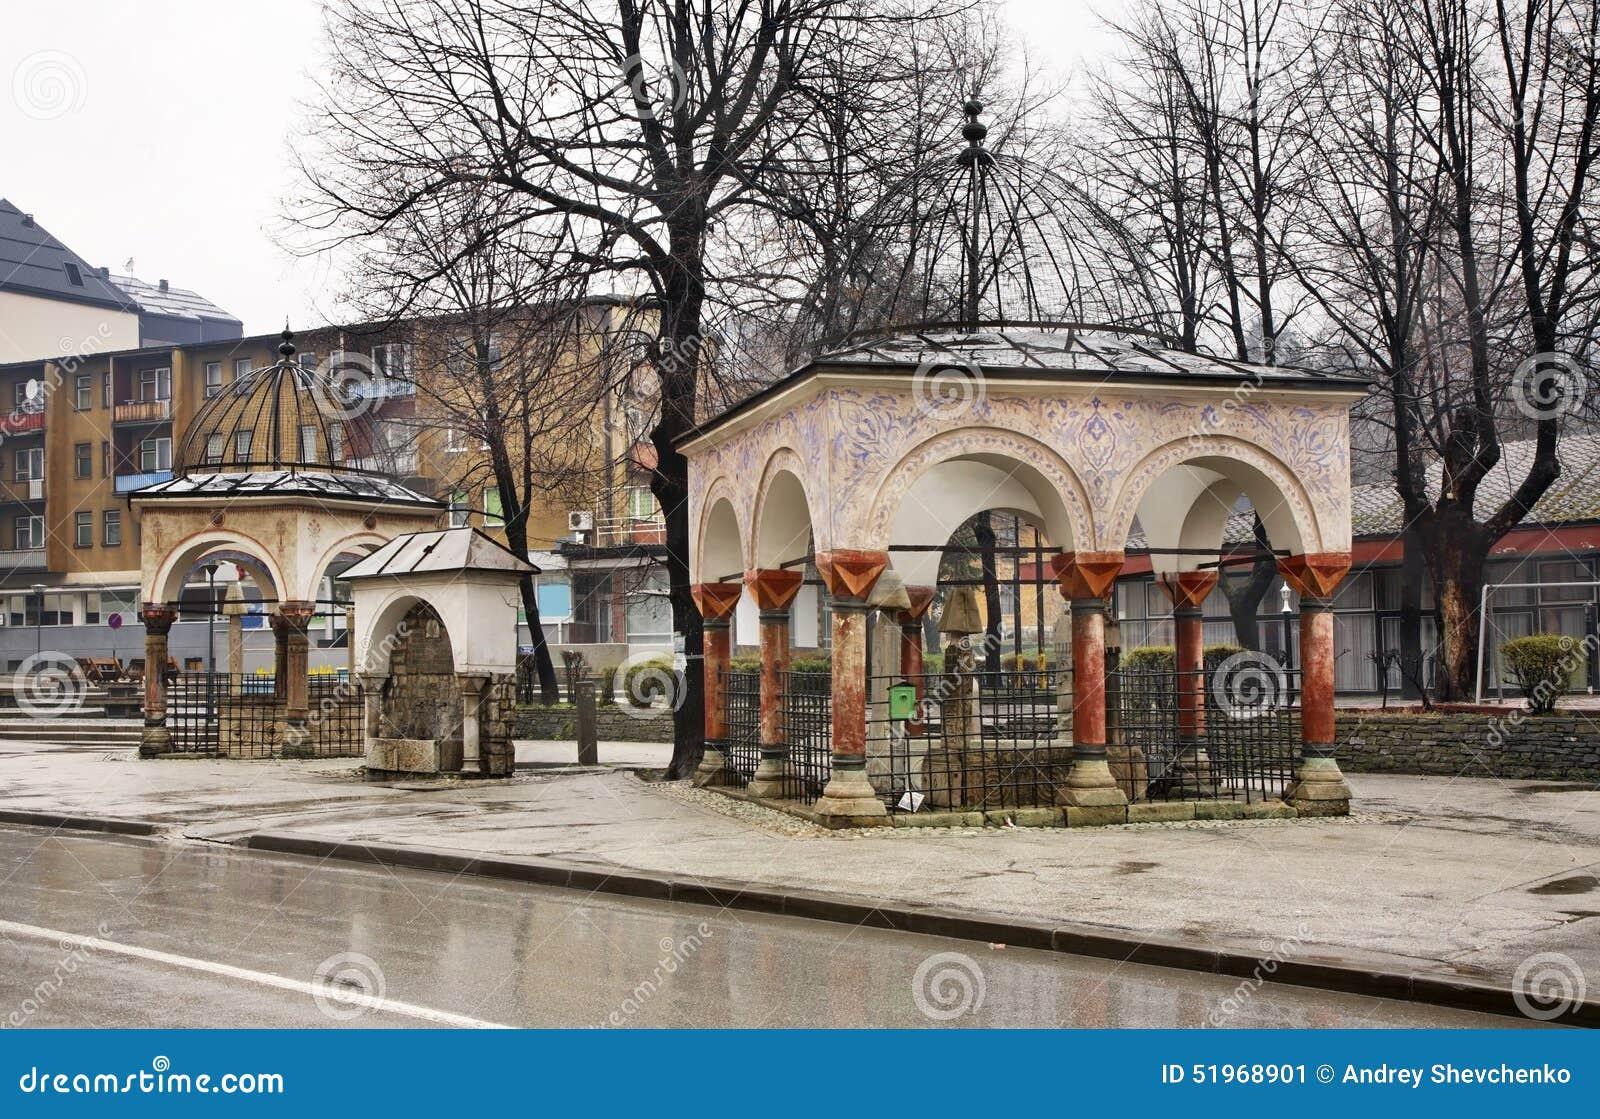 Visir grav (turbe) i Travnik stämma överens områdesområden som Bosnien gemet färgade greyed herzegovina inkluderar viktigt, plane